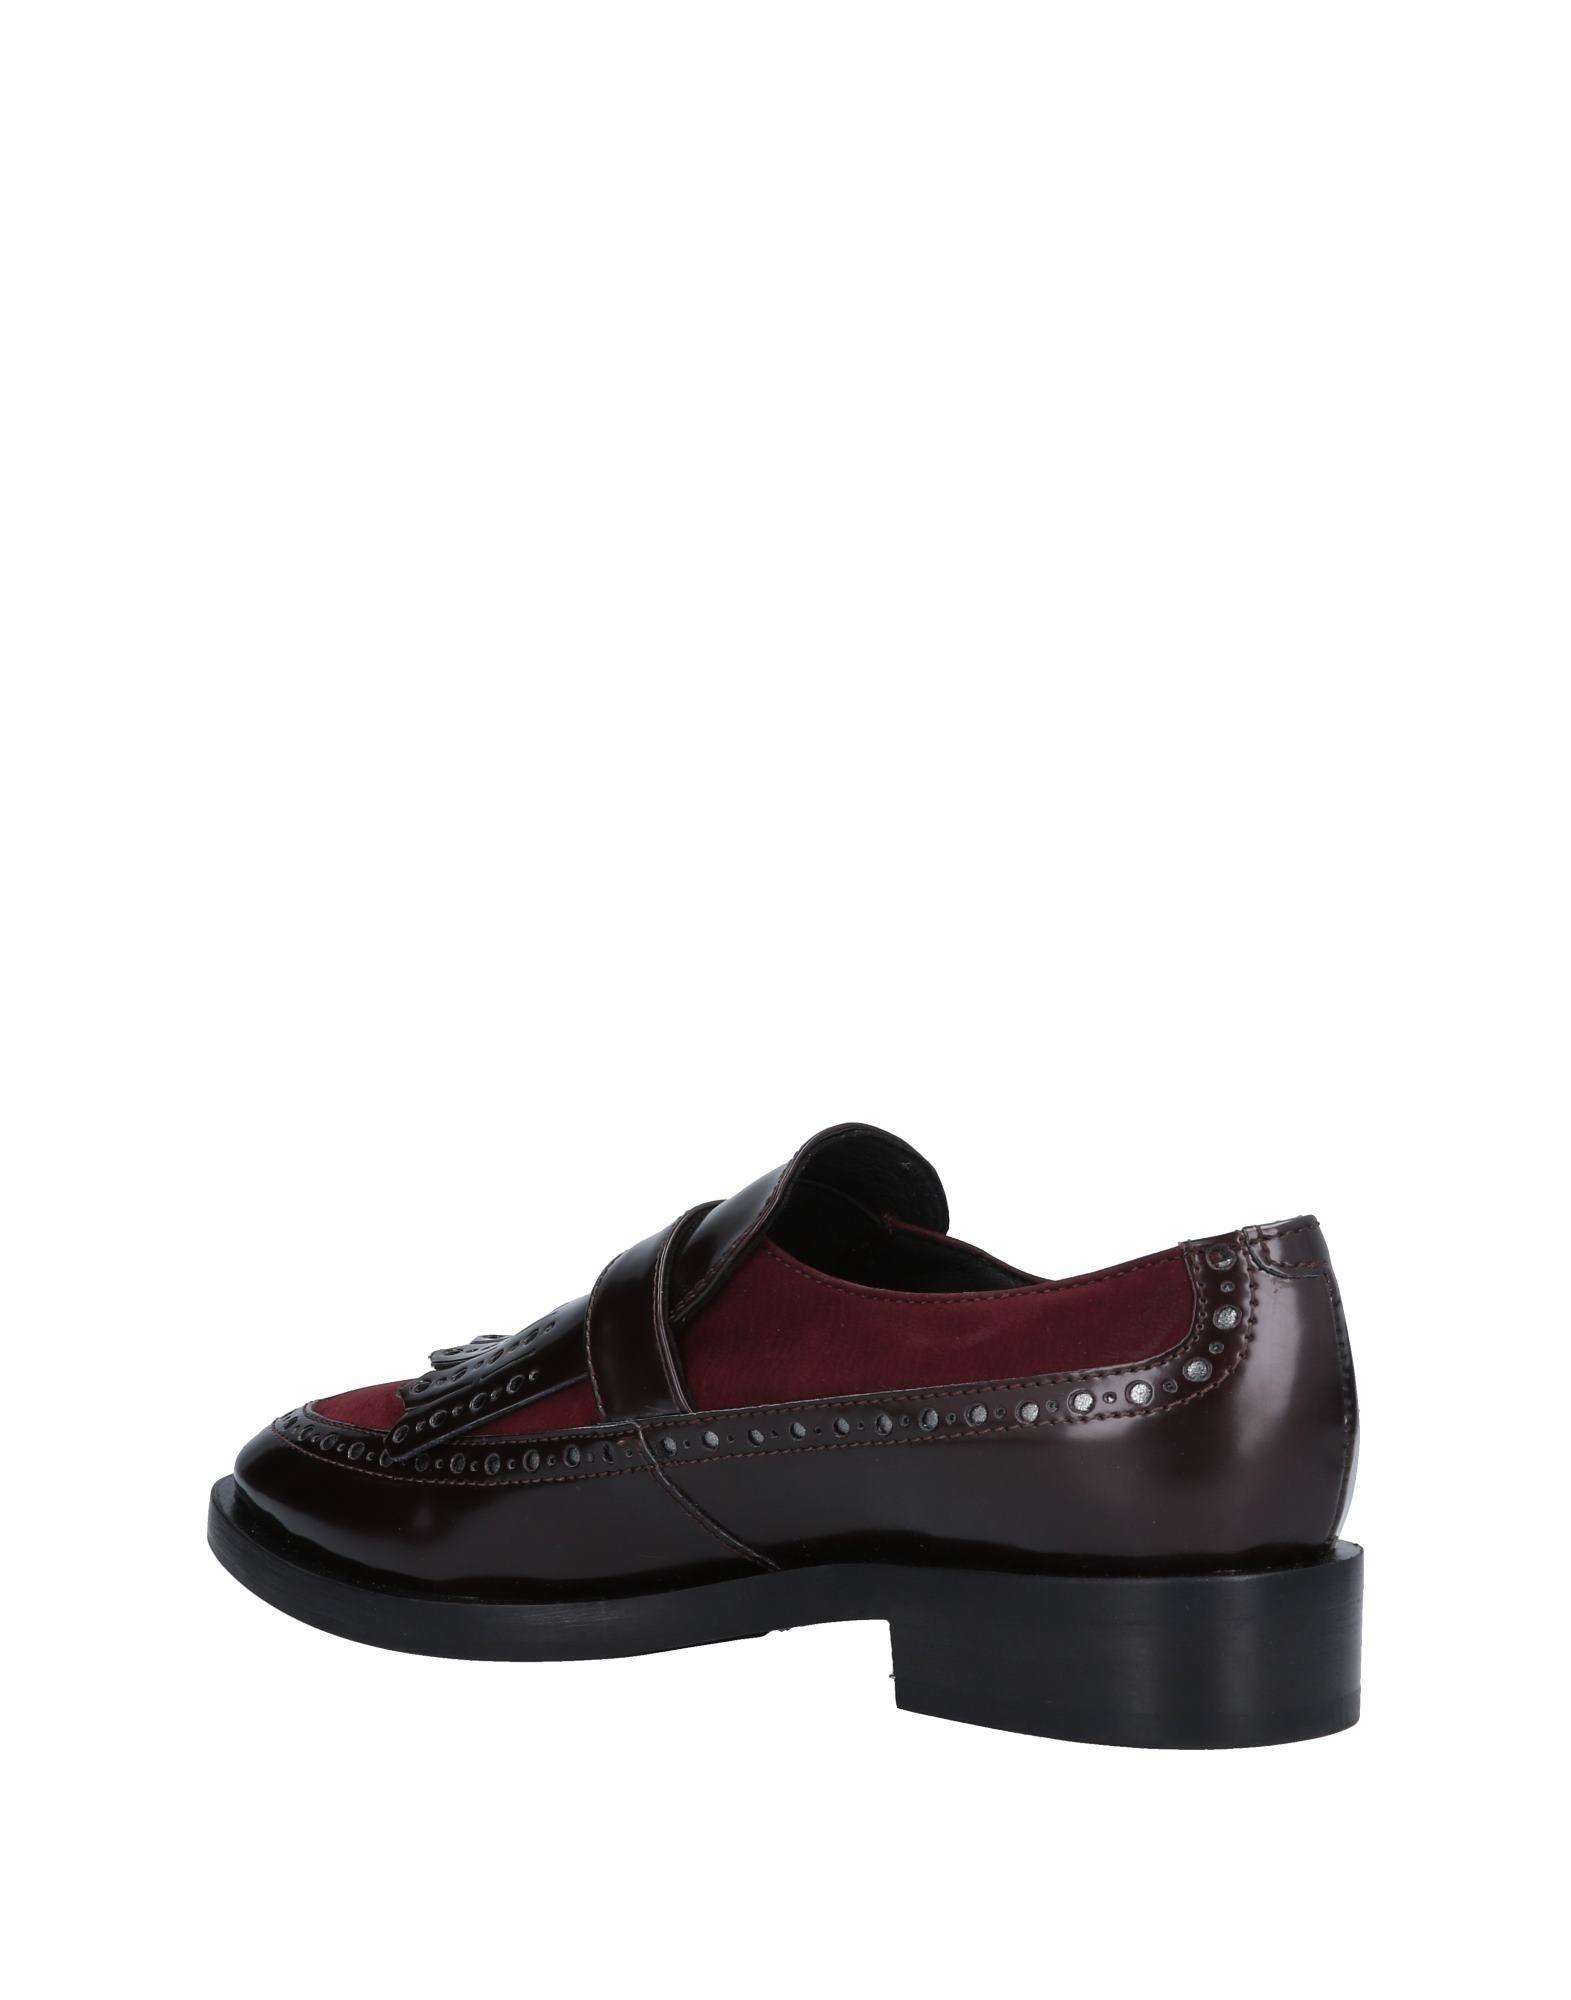 Geox Mokassins Damen  11499011QO Gute Qualität beliebte Schuhe